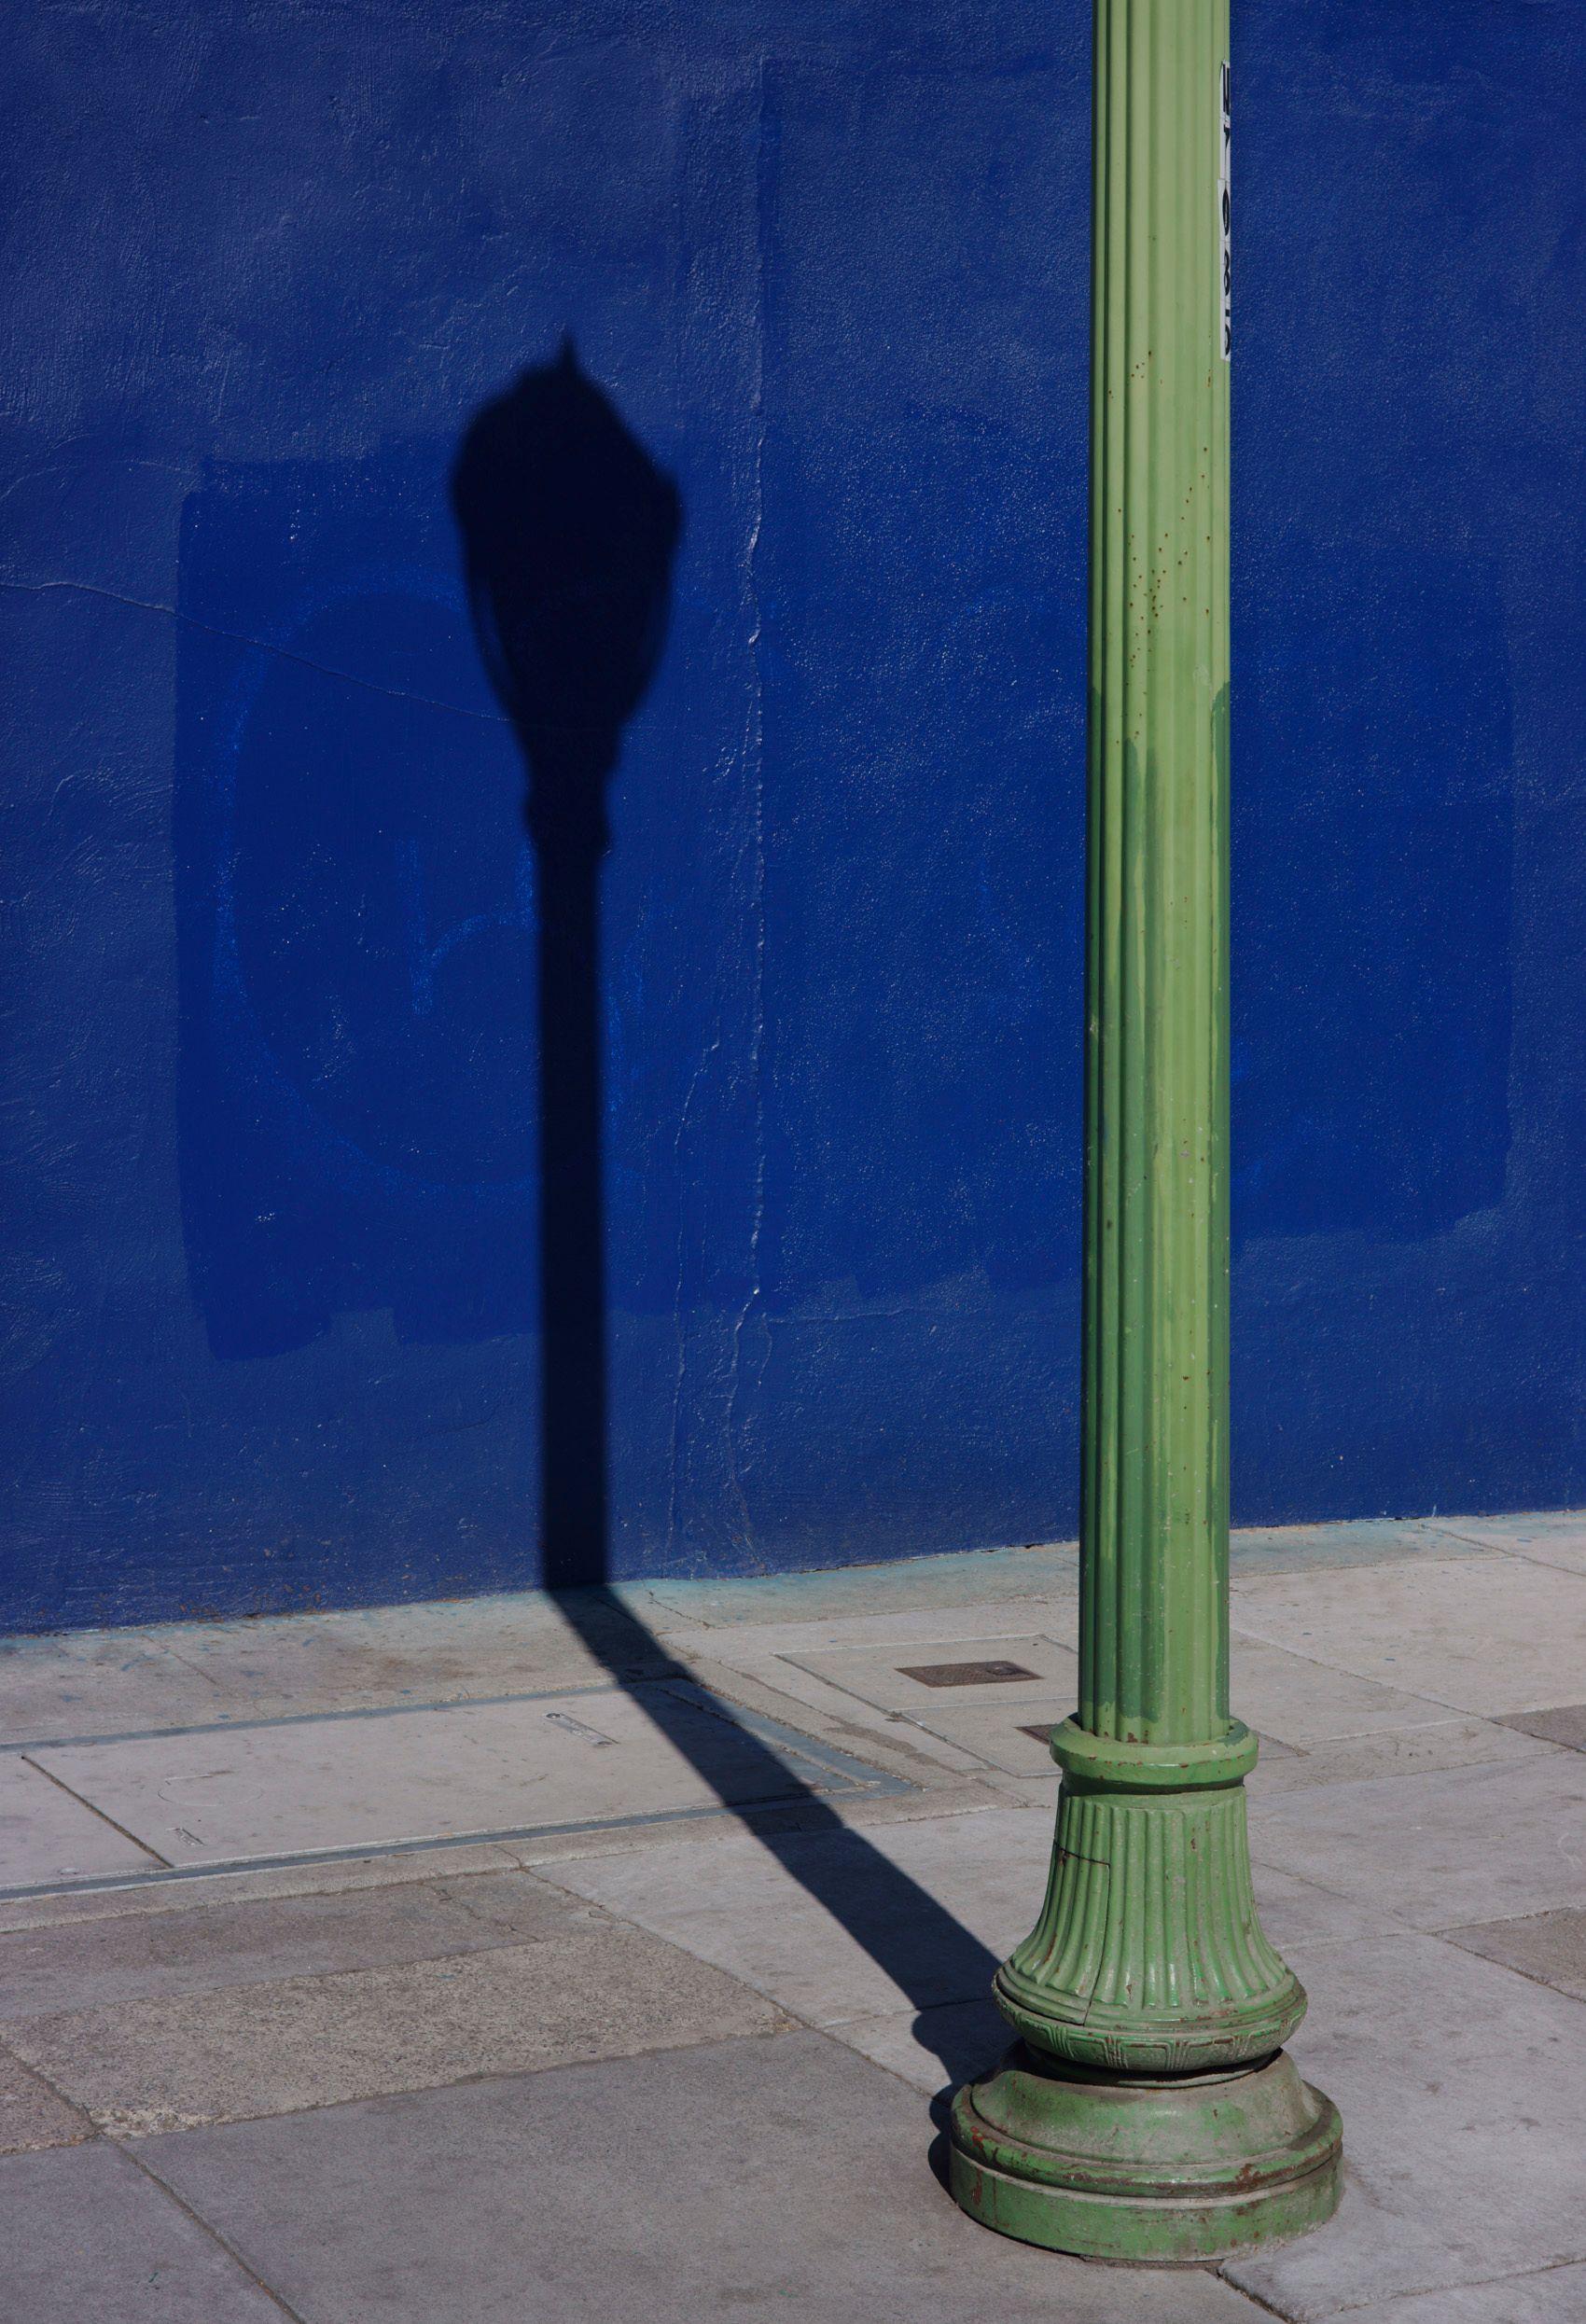 LampShadow, Oakland, CA